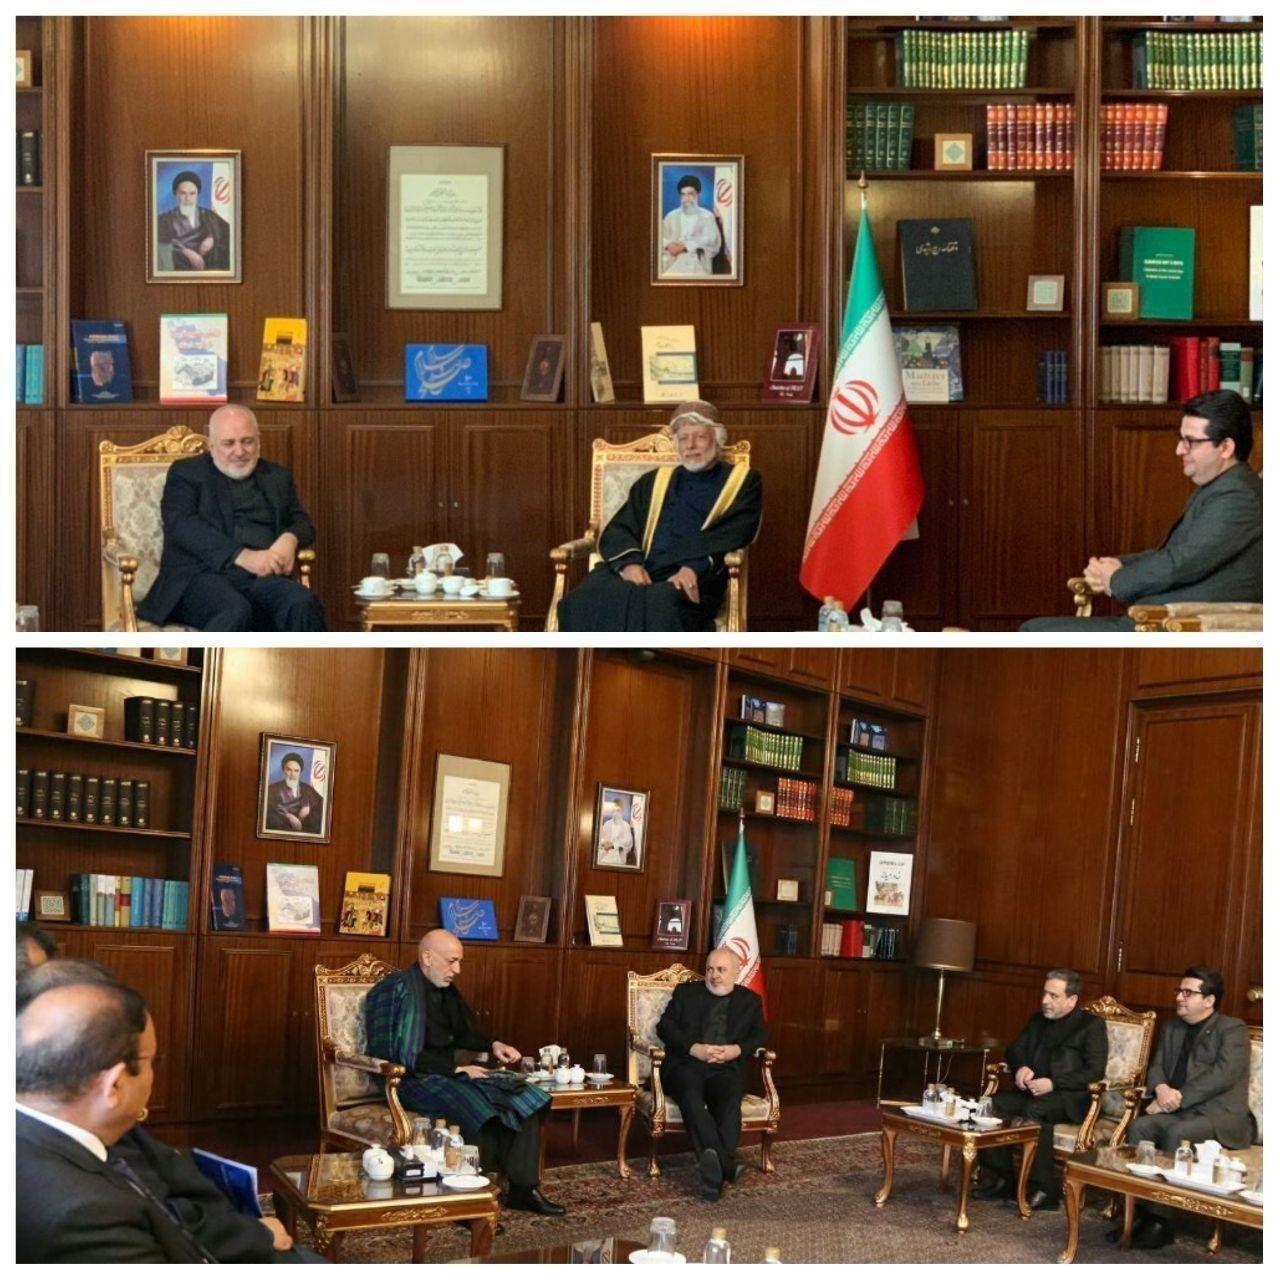 وسف بن علوی و حامد کرزای از میهمانان ویژه مجمع گفتگوی تهران